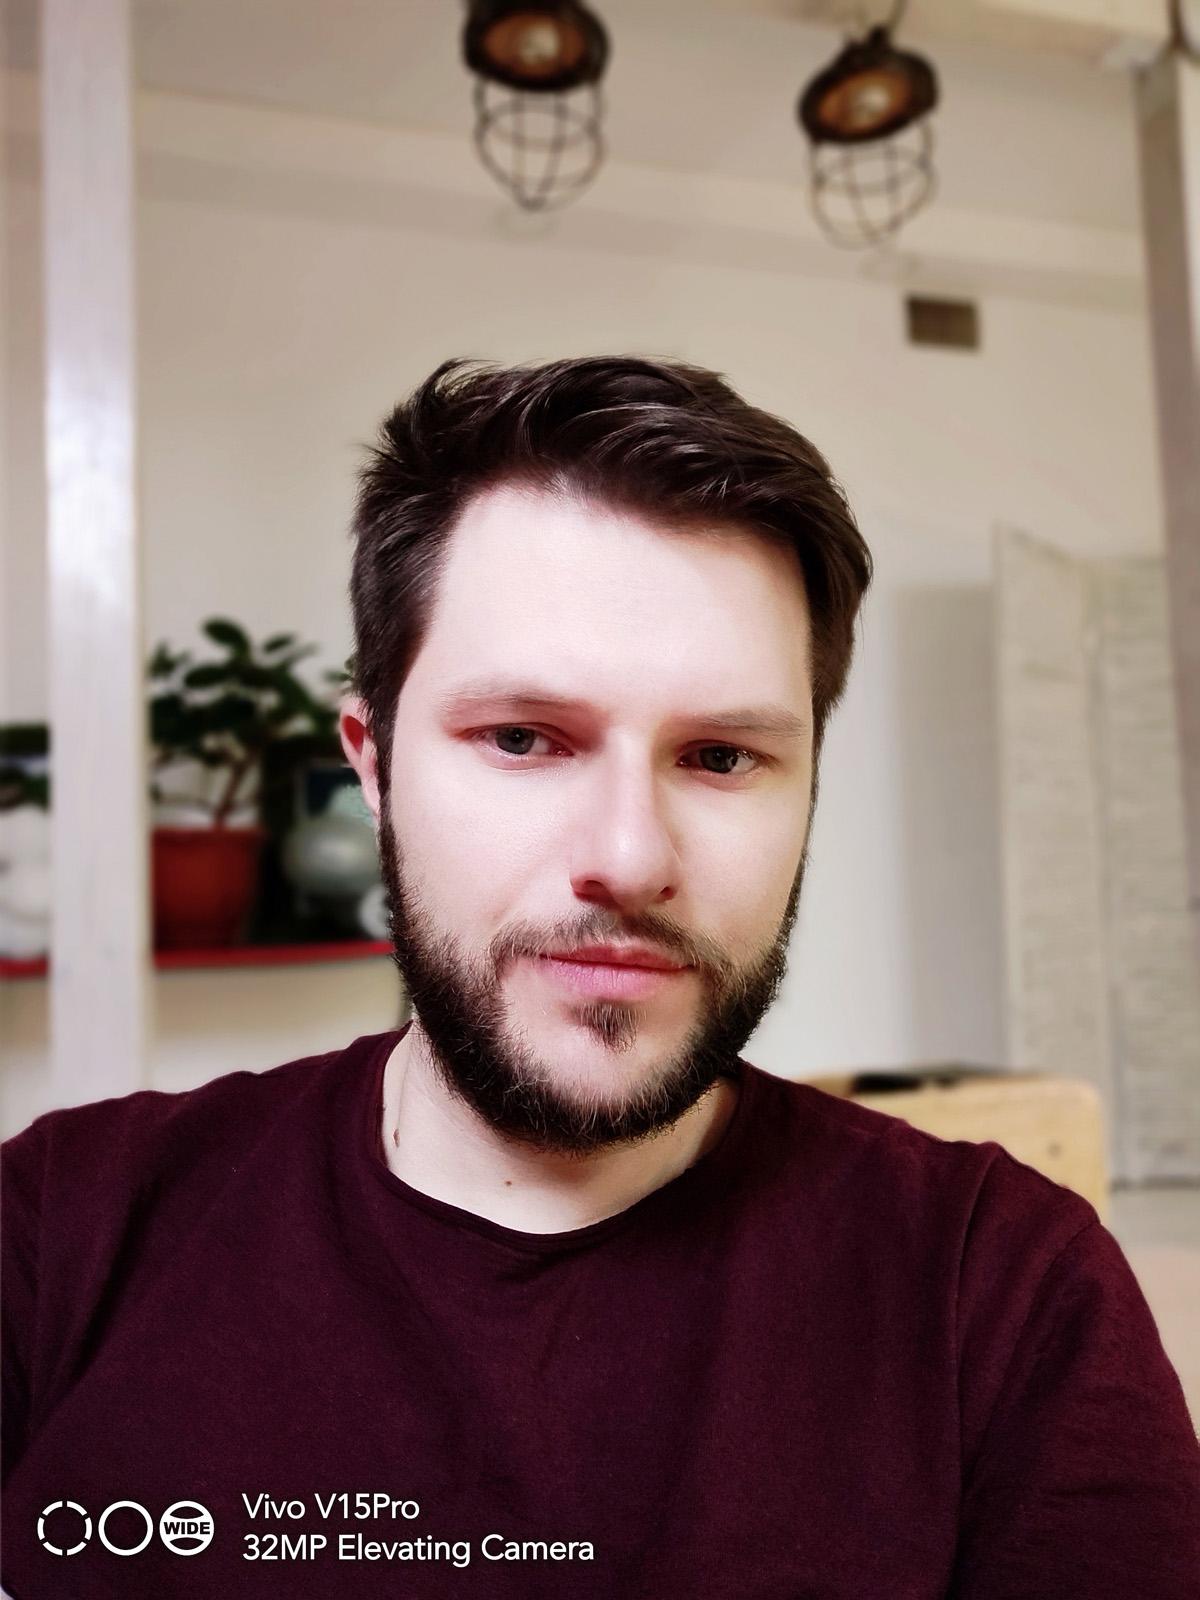 """Селфи с максимальным """"украшением"""" лица - снято на Vivo V15 Pro"""